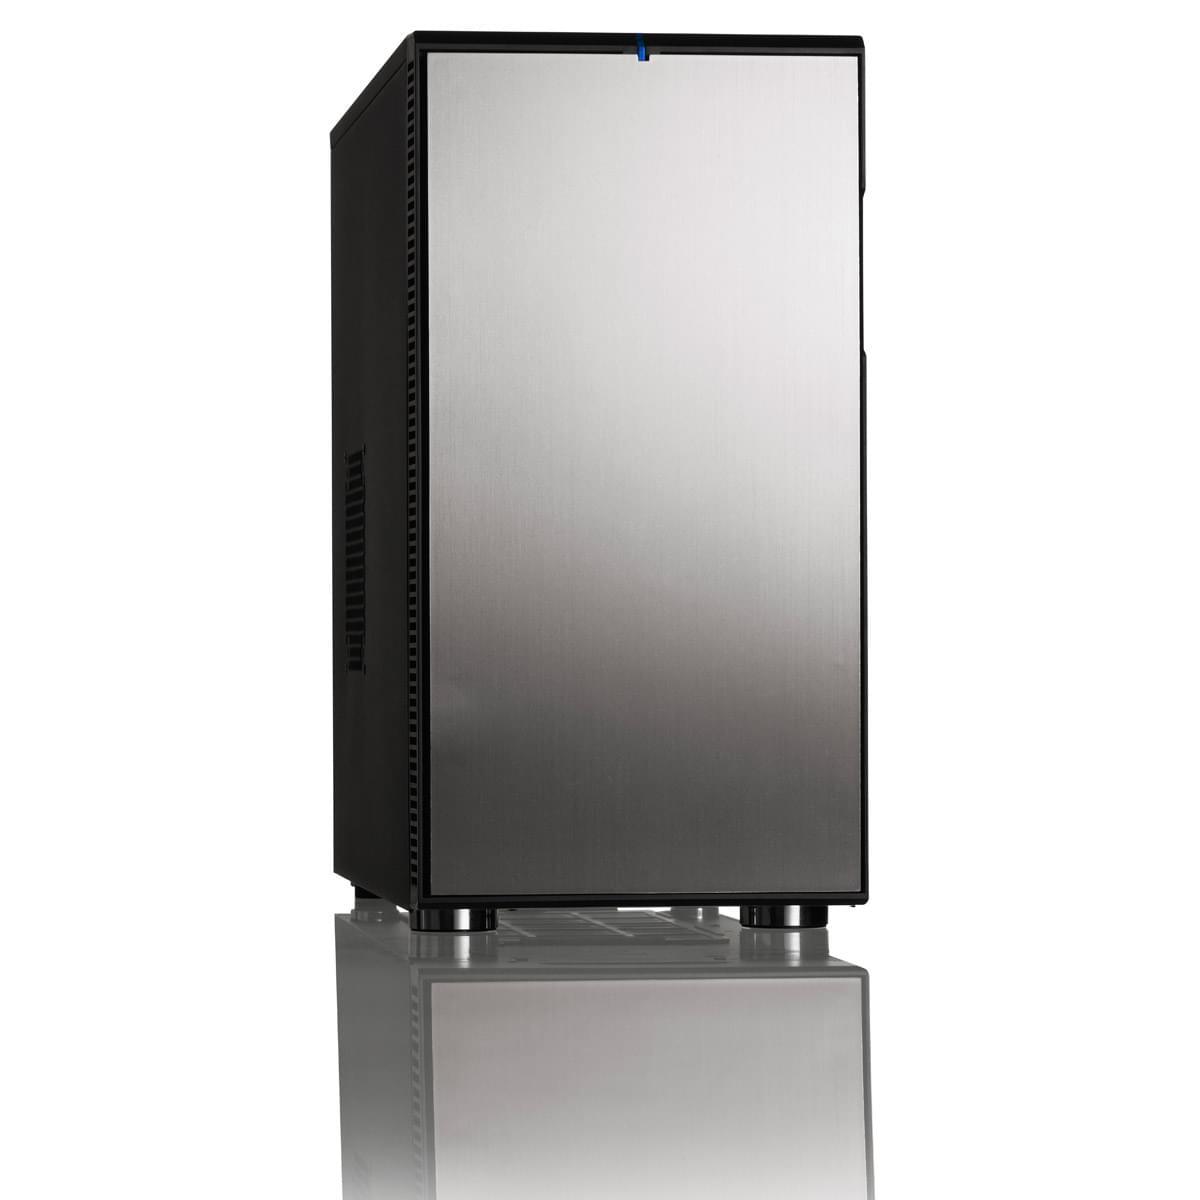 Fractal Design MT/Sans Alim/ATX Gris - Boîtier PC Fractal Design - 0